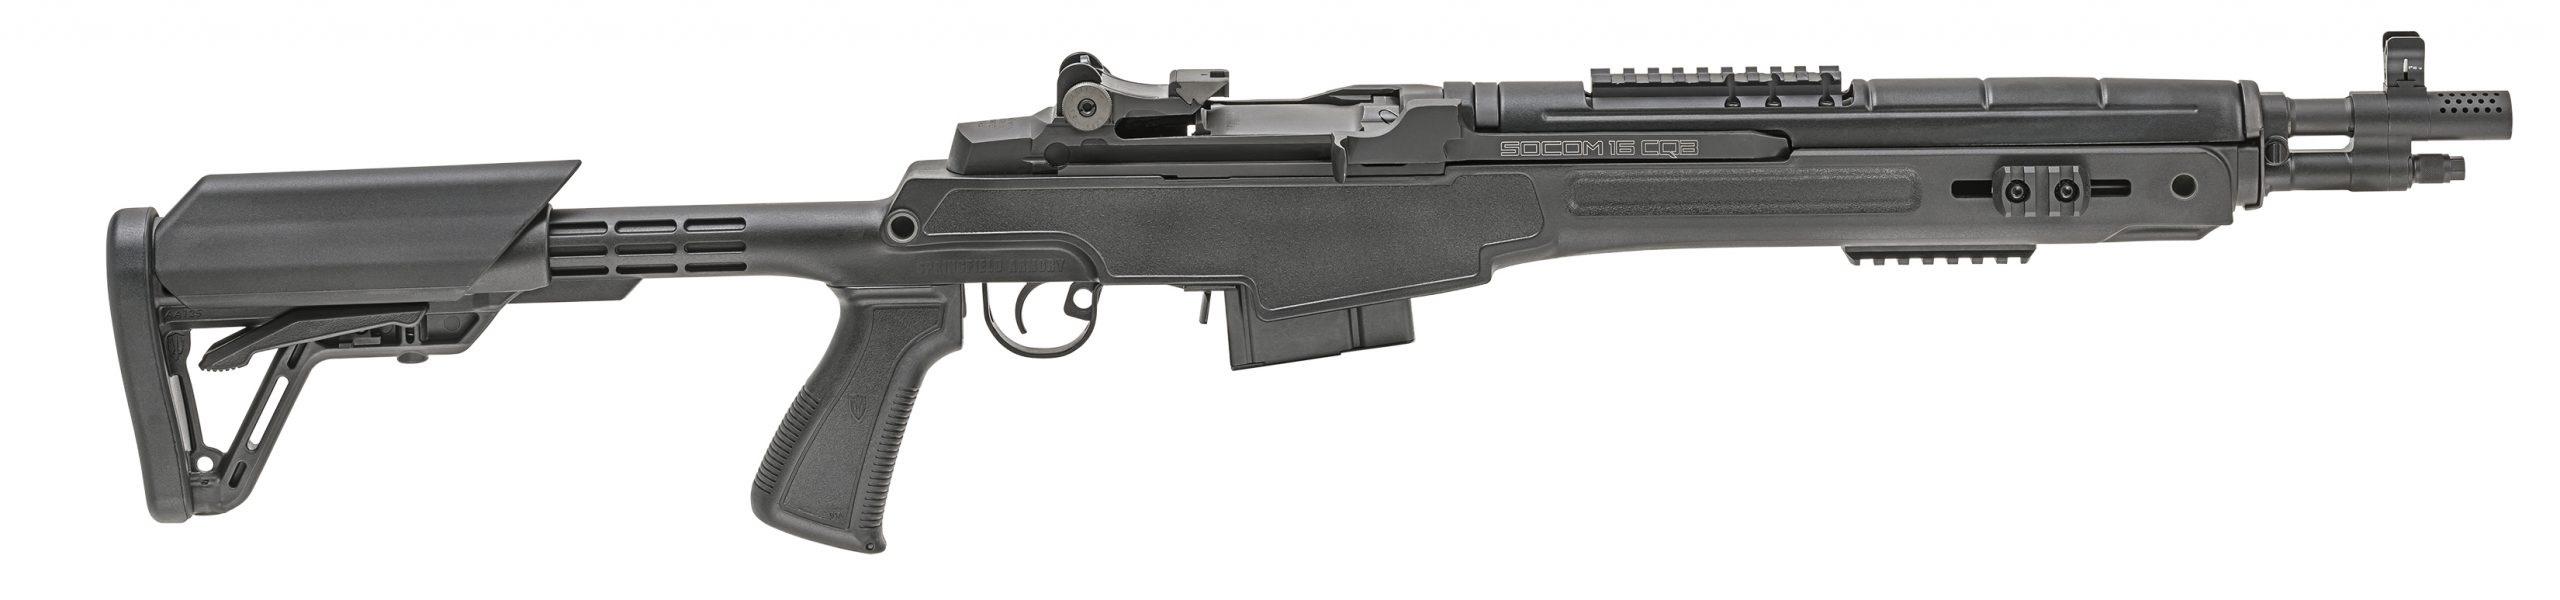 Springfield Armory M1A SOCOM 7.62 X 51MM | 308 WIN